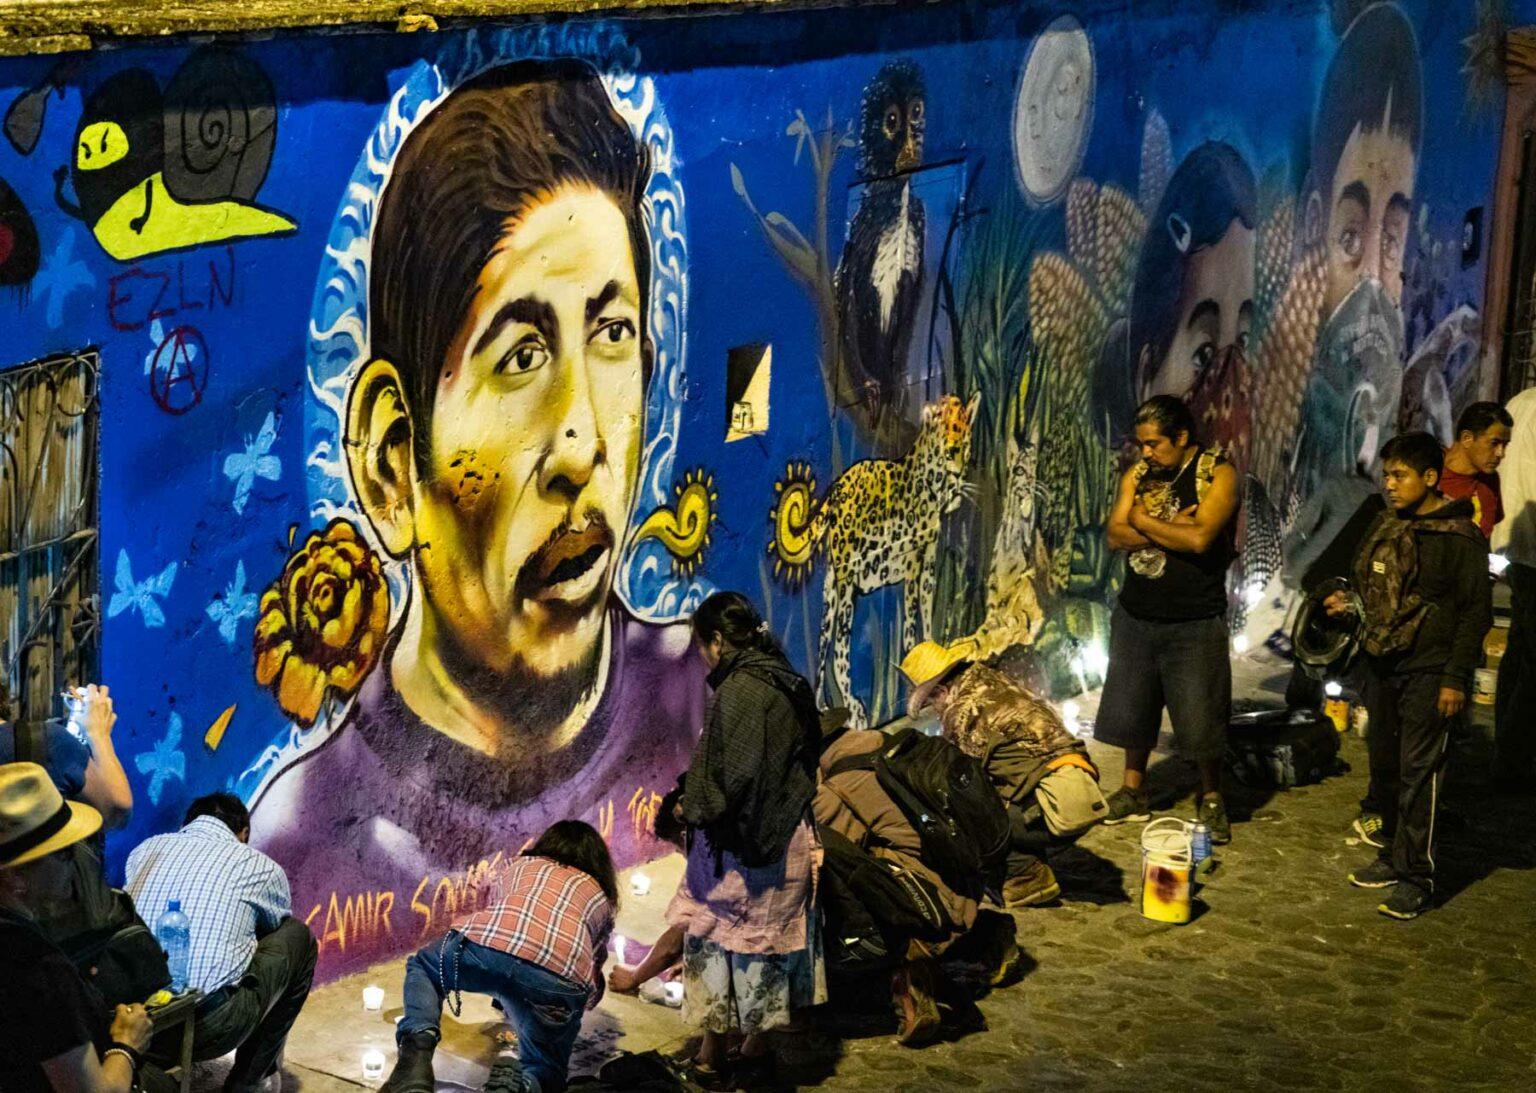 Gobierno de Oaxaca intentará boicotear Acción en memoria de Samir Flores